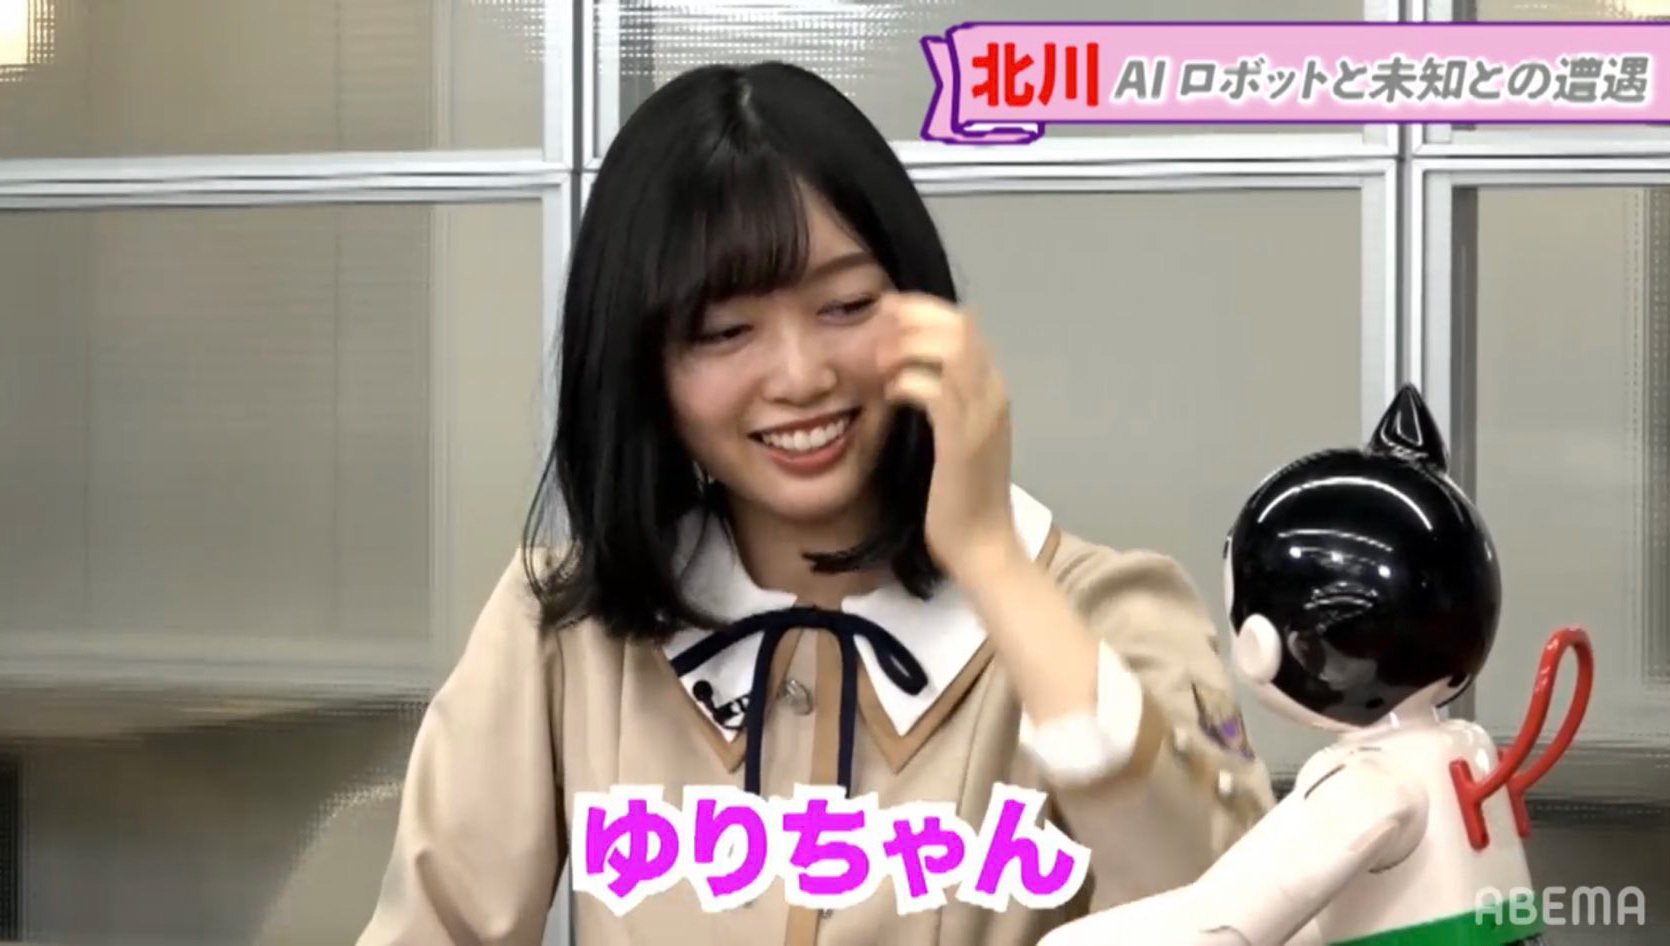 北川悠理 ATOM おにいちゃん3